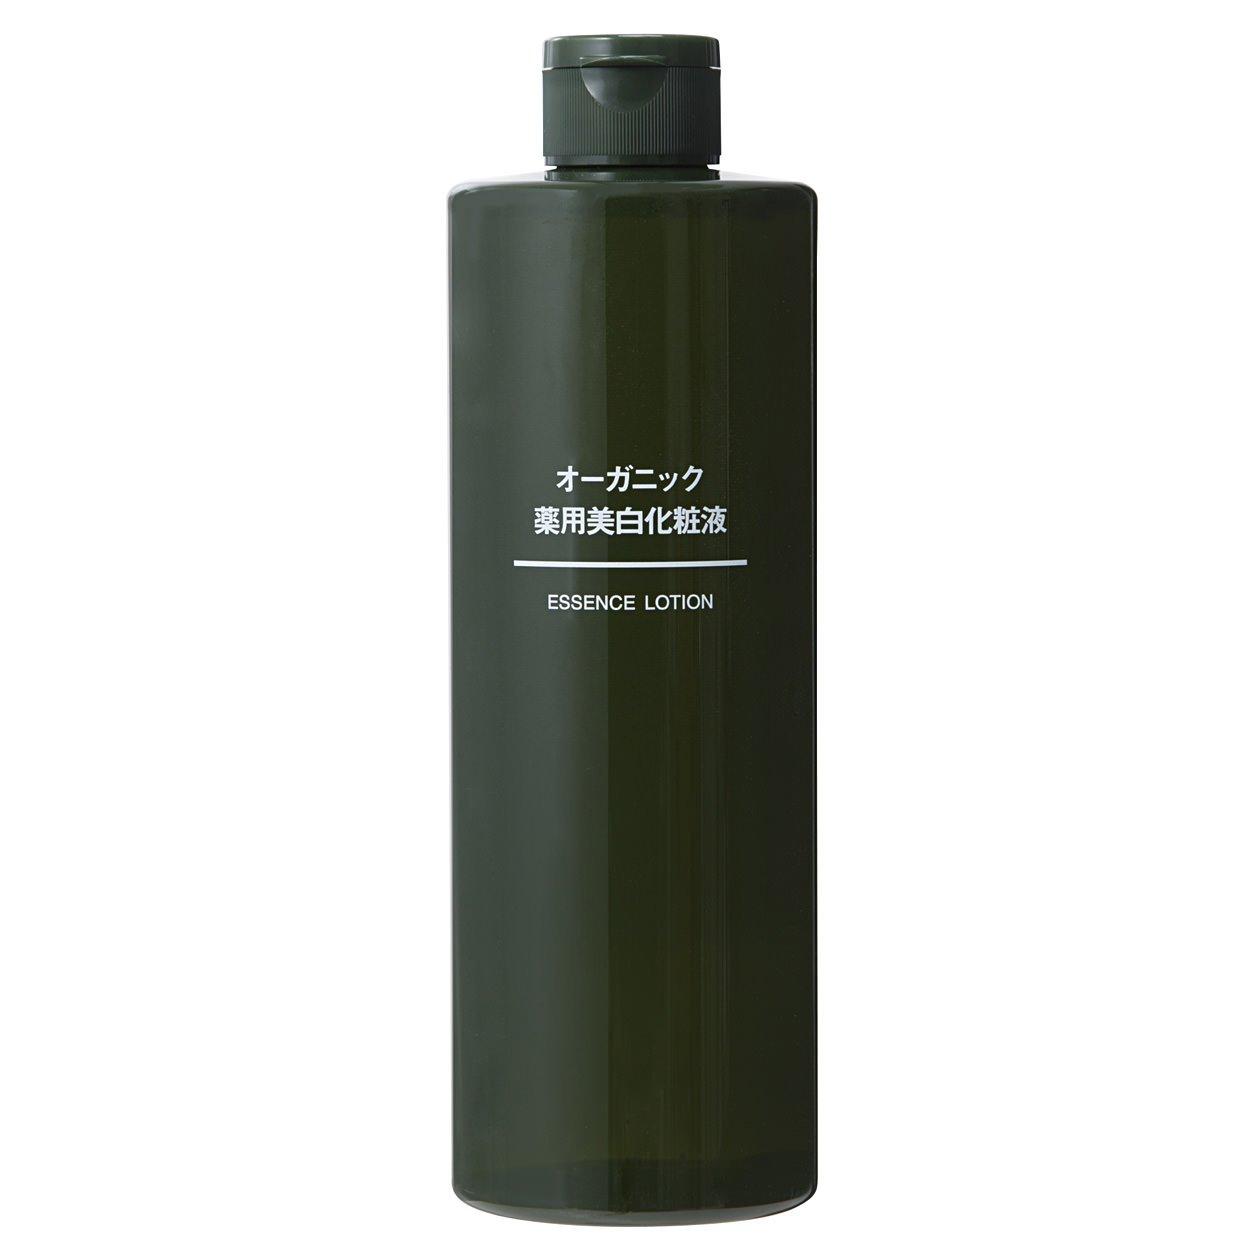 無印良品 オーガニック薬用美白化粧液(大容量) 400ml